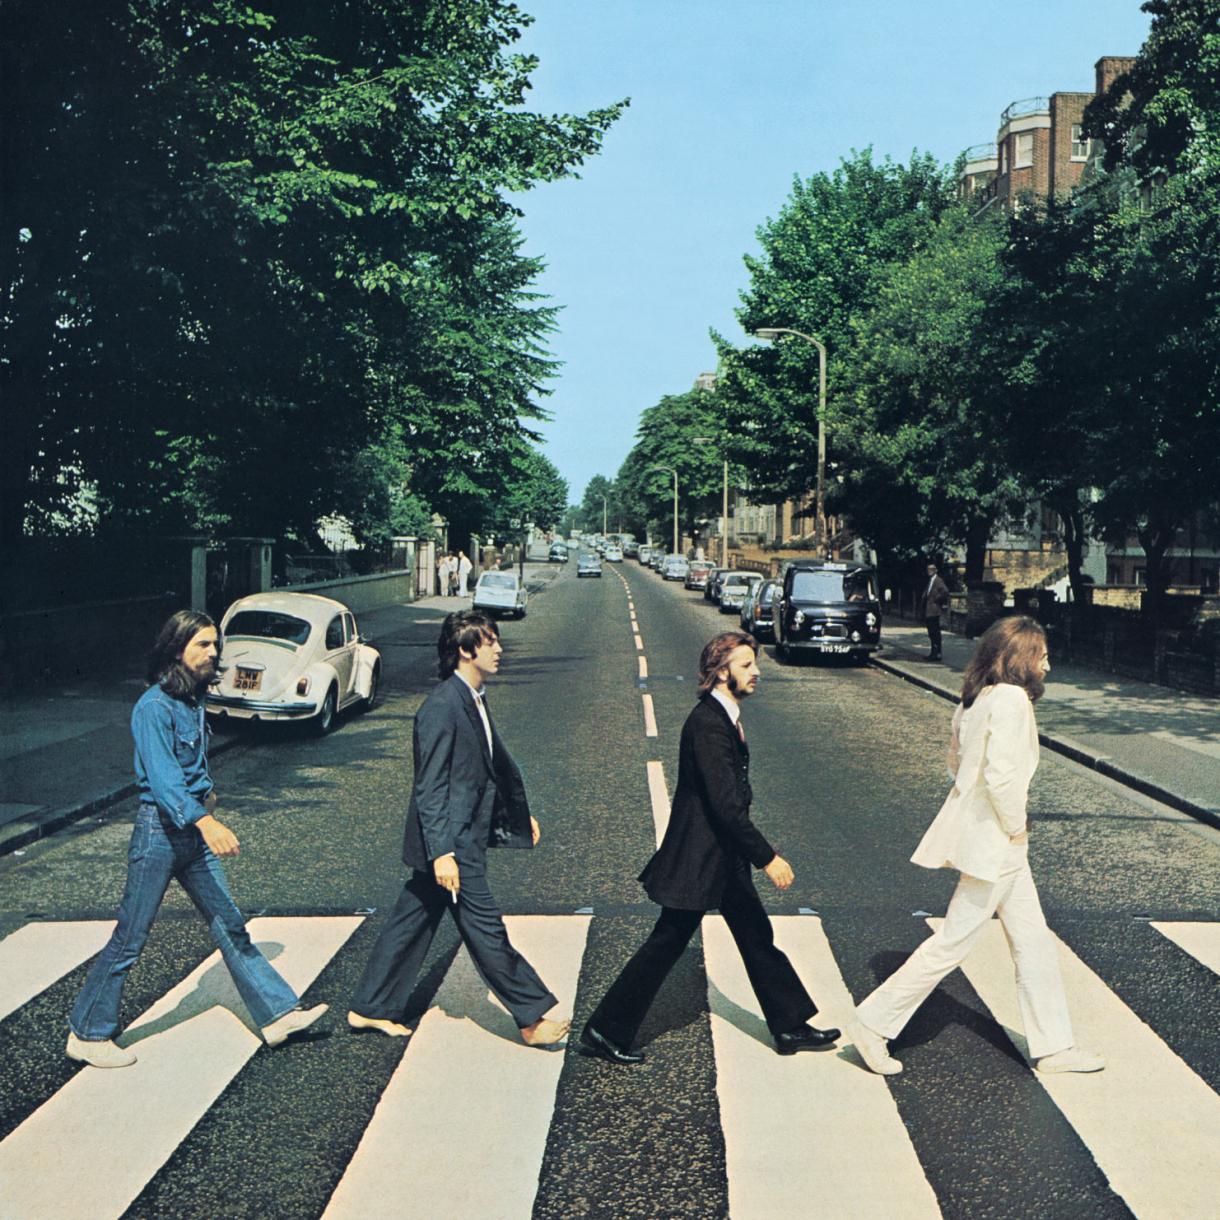 The Beatles Abbey Road le making of de la cover de Iain MacMillan